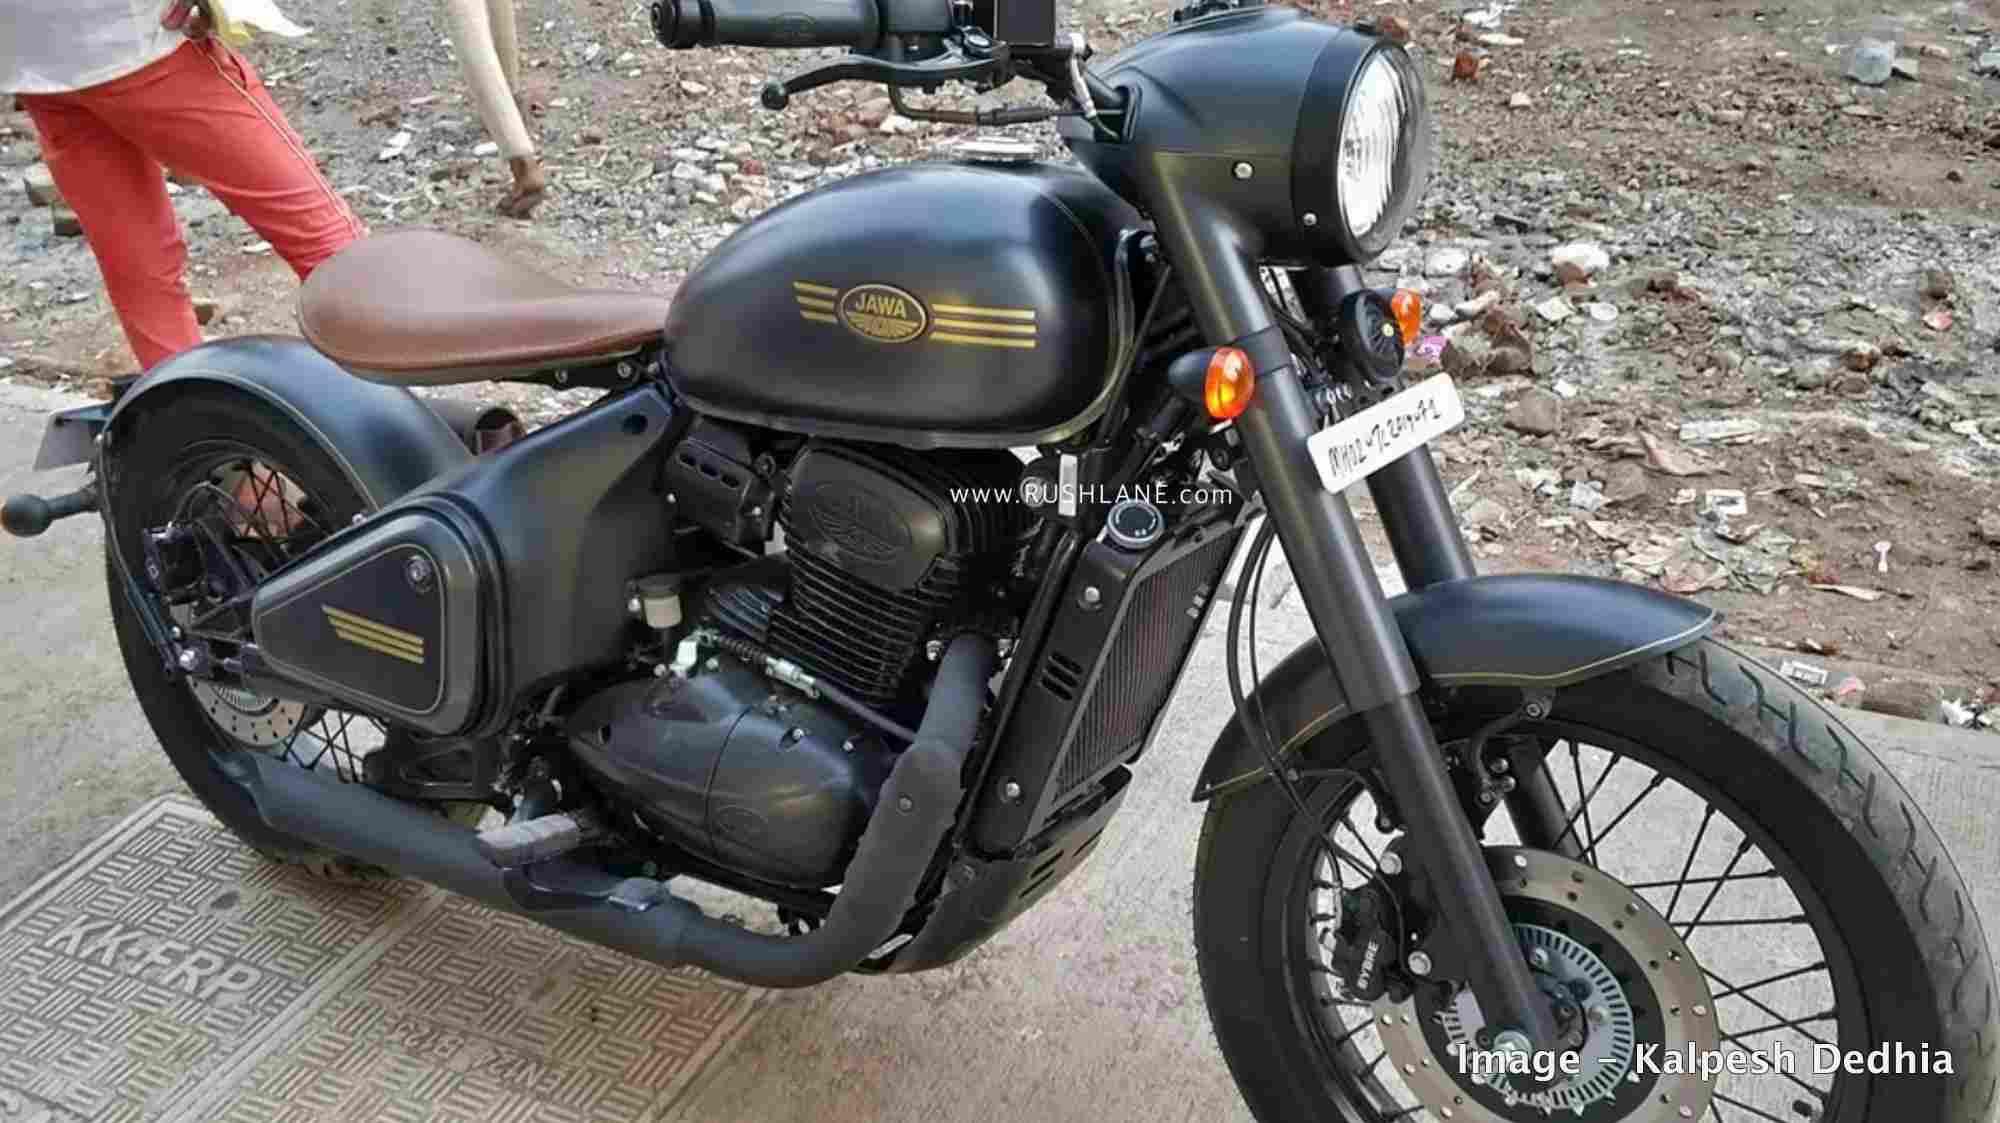 Jawa Perak Test Ride Starts At Mumbai Dealership Good Pickup